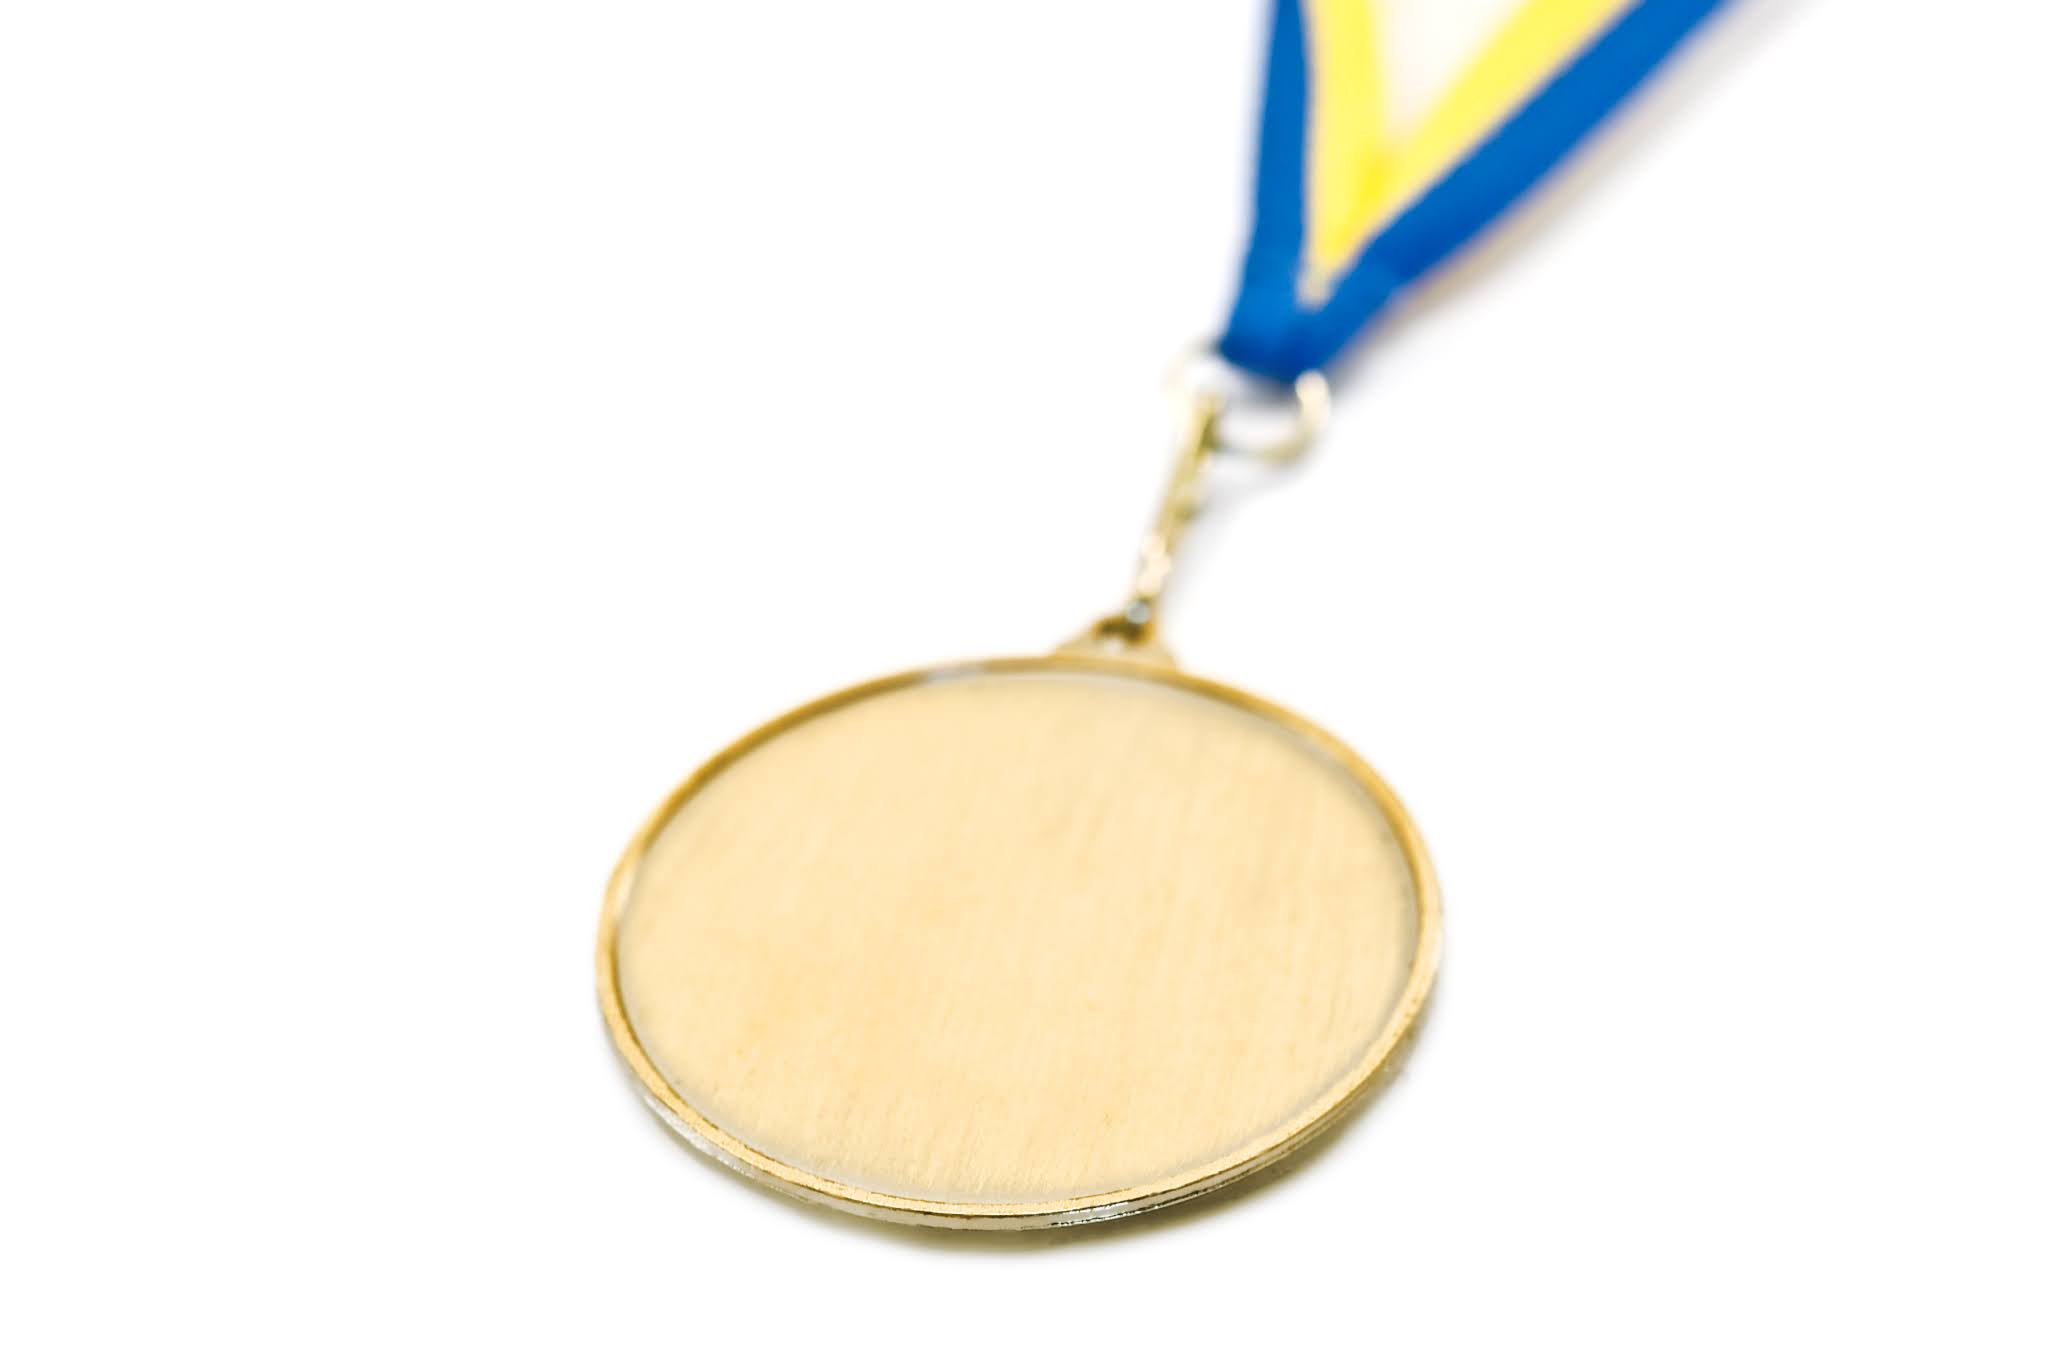 سادس ميدالية لمصر في أولمبياد طوكيو Tokyo على يد فريال أشرف في الكاراتيه